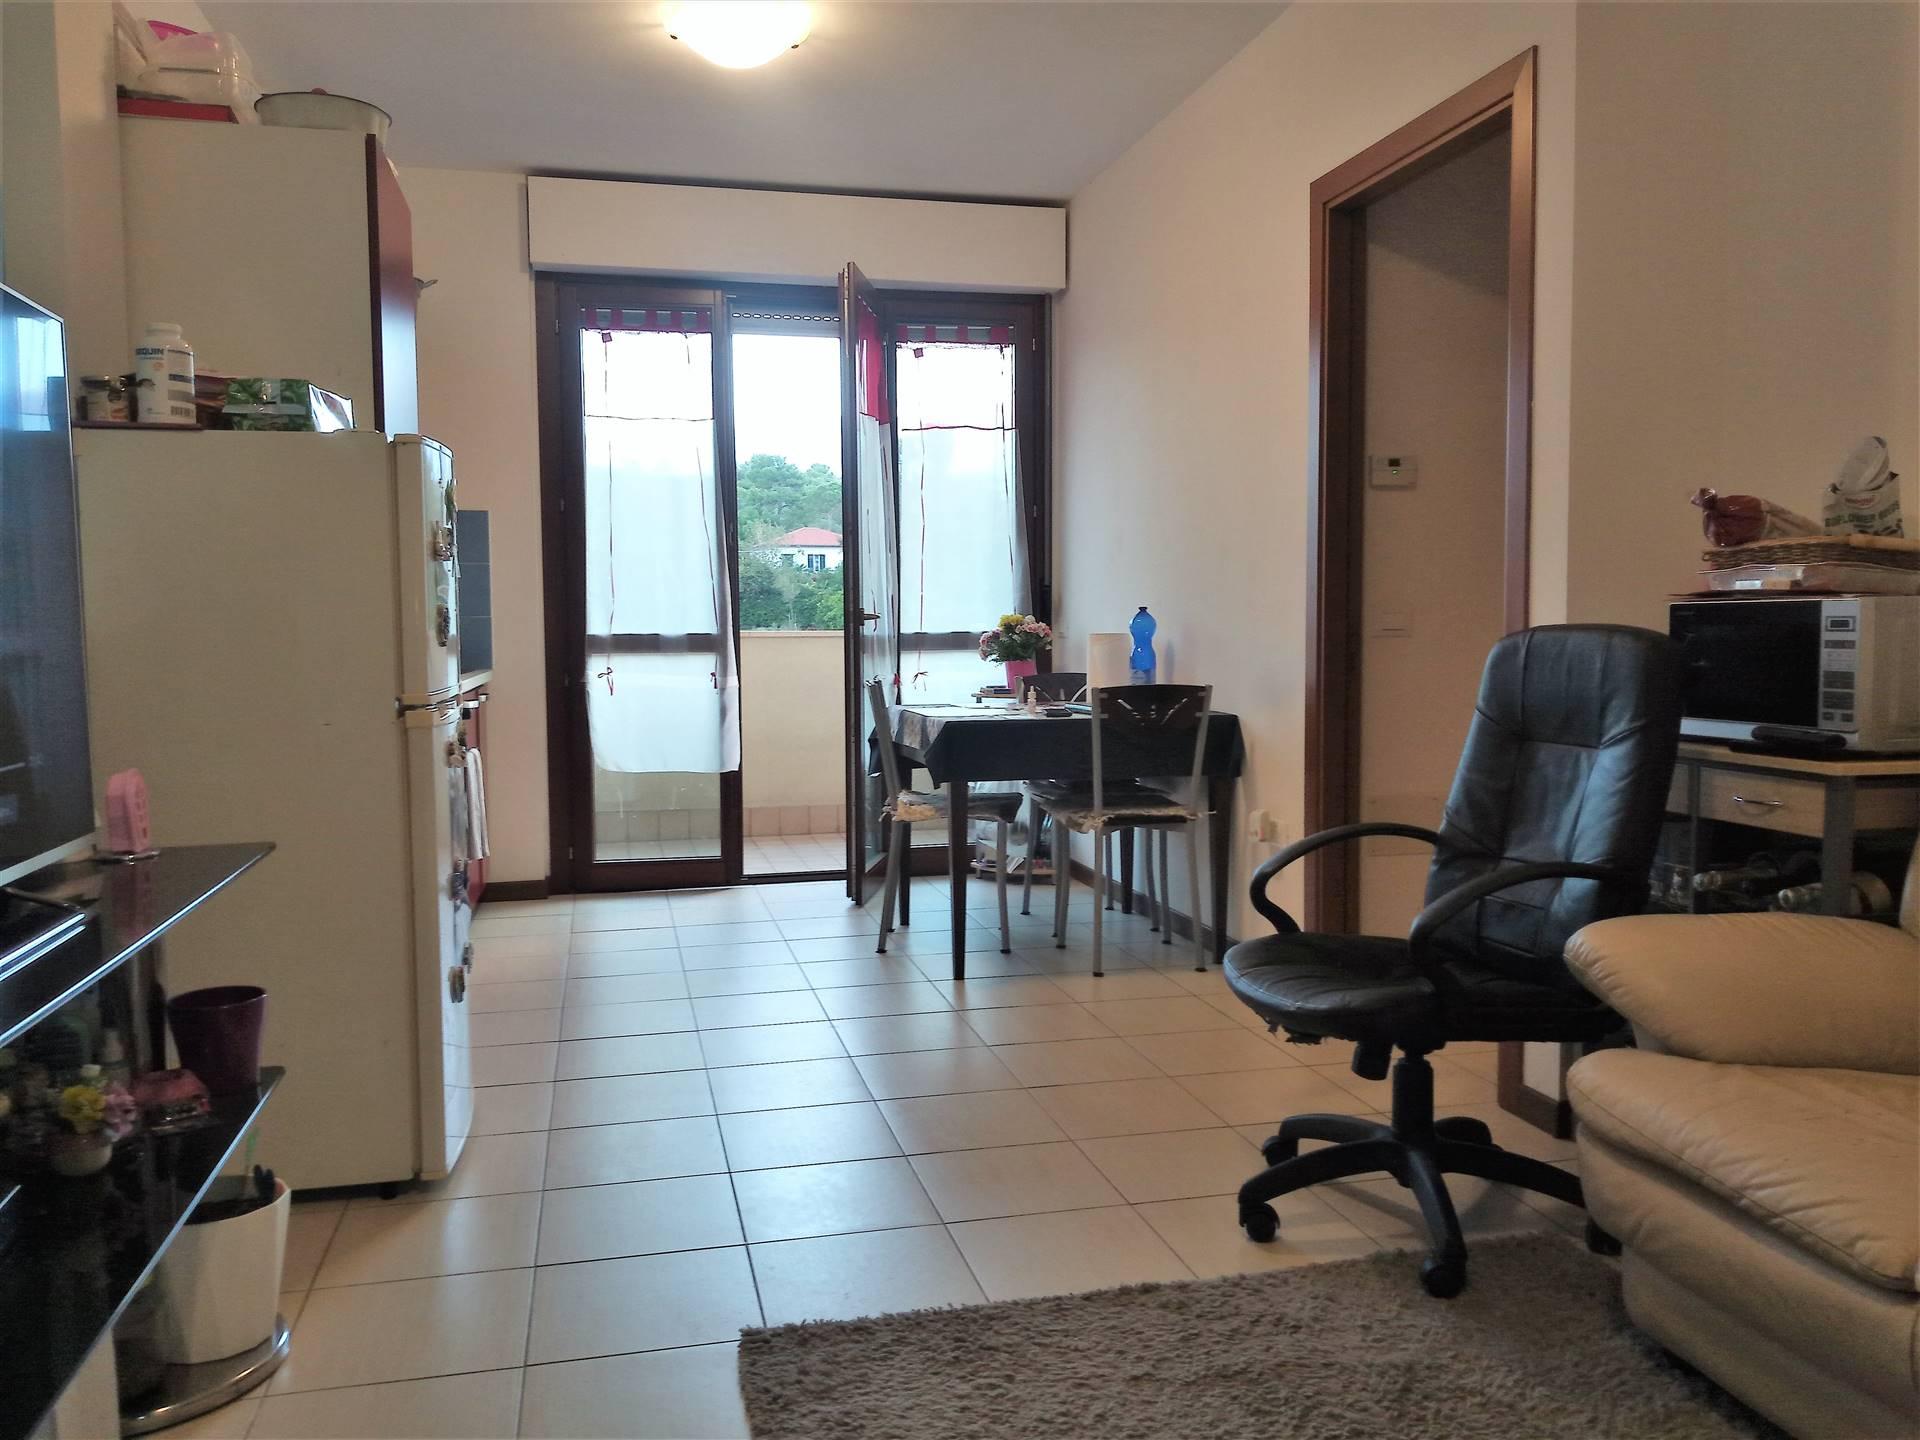 Appartamento in vendita a Senigallia, 3 locali, zona Zona: Marzocca, prezzo € 140.000 | CambioCasa.it